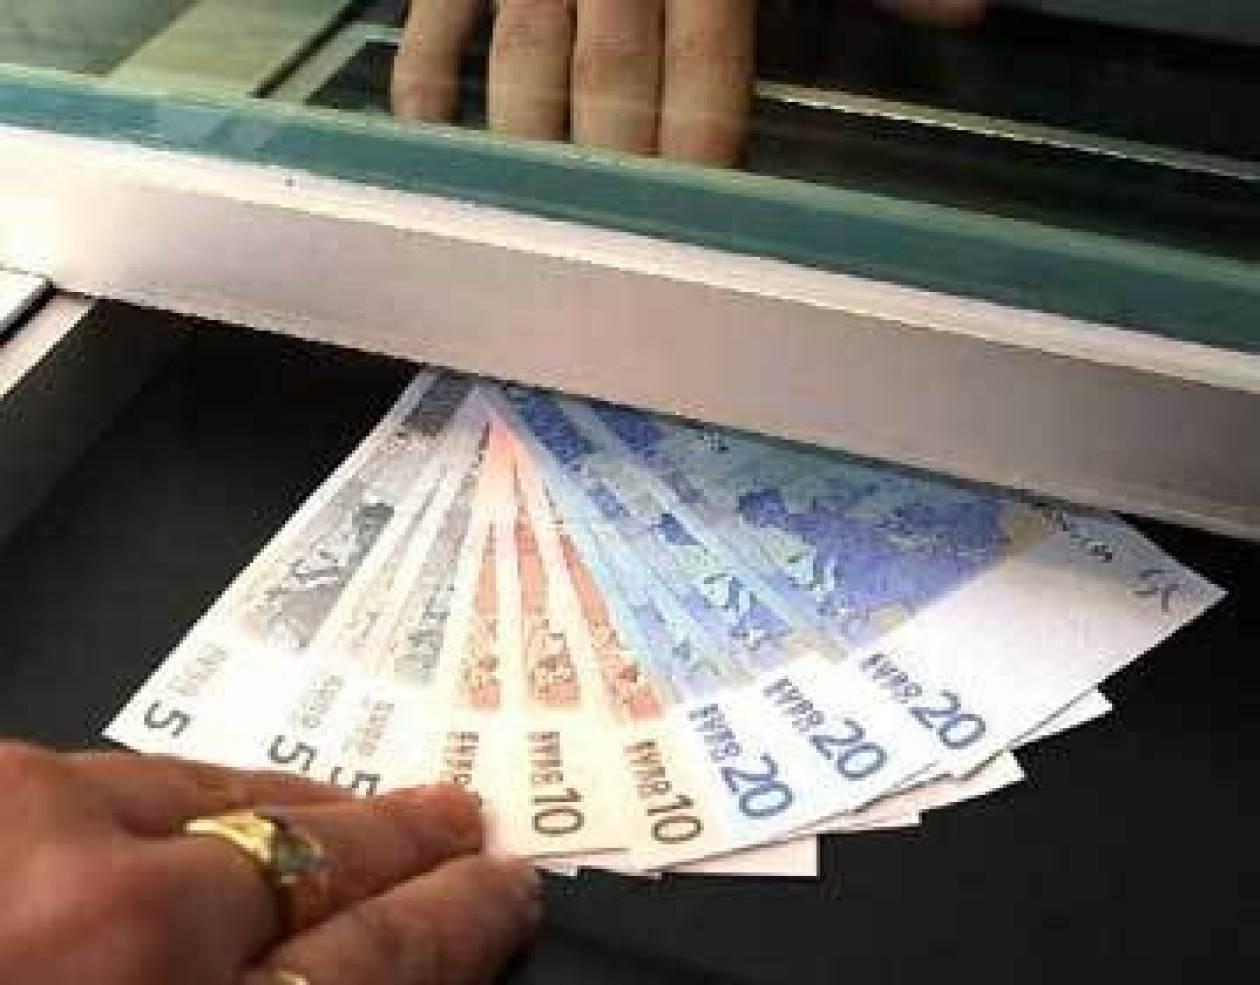 Αύξηση στα μη εξυπηρετούμενα δάνεια αναμένεται και το 2013